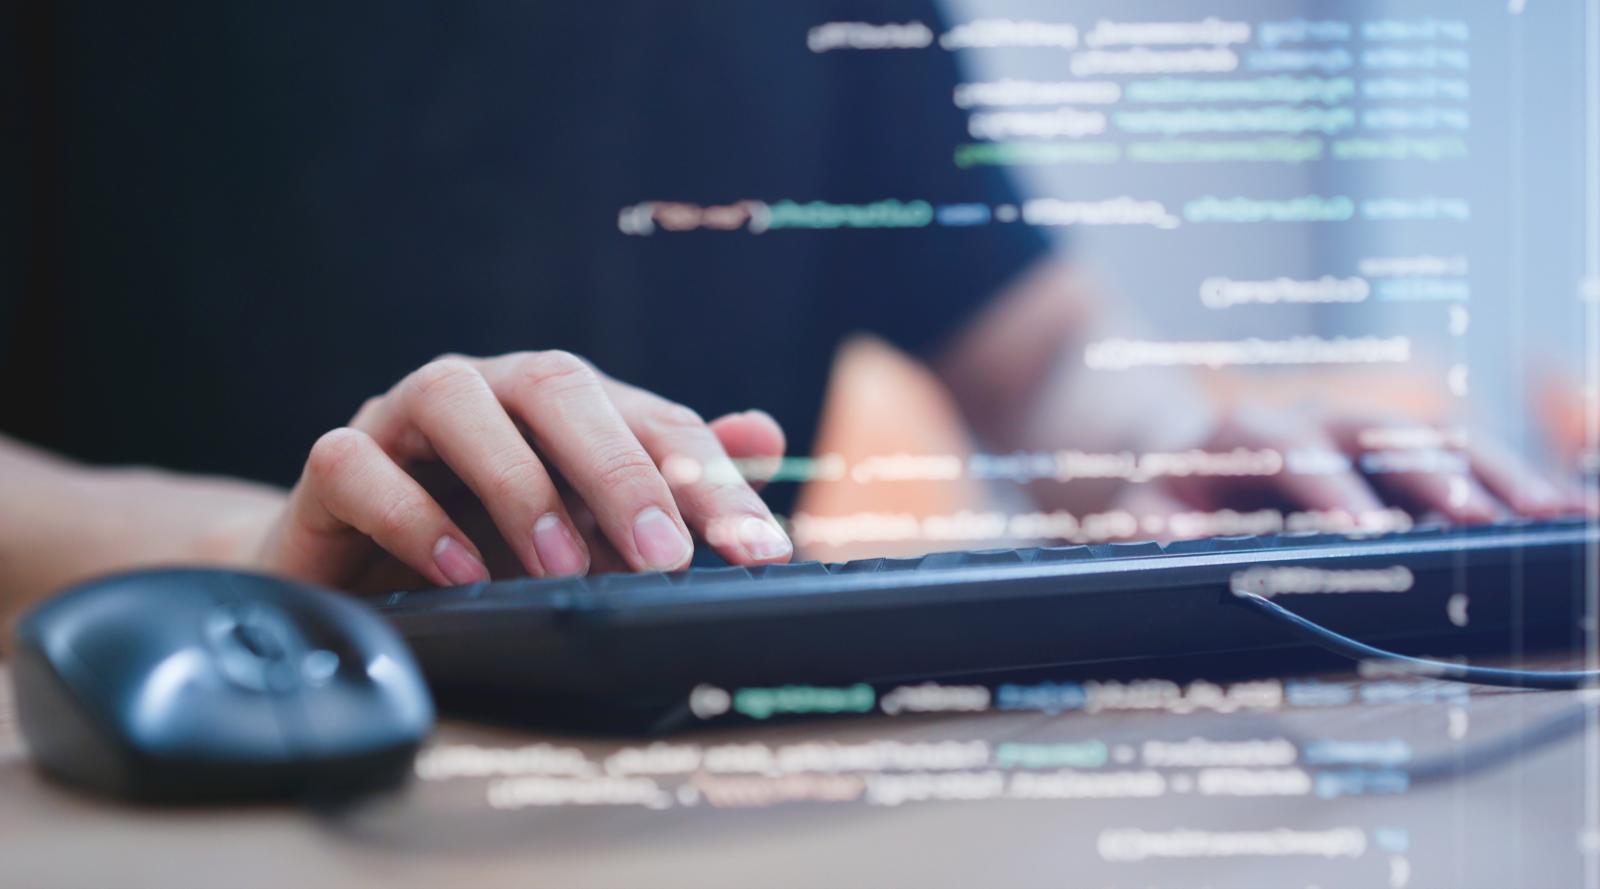 パソコンを操作する女性と、プログラミング言語が浮かび上がる様子